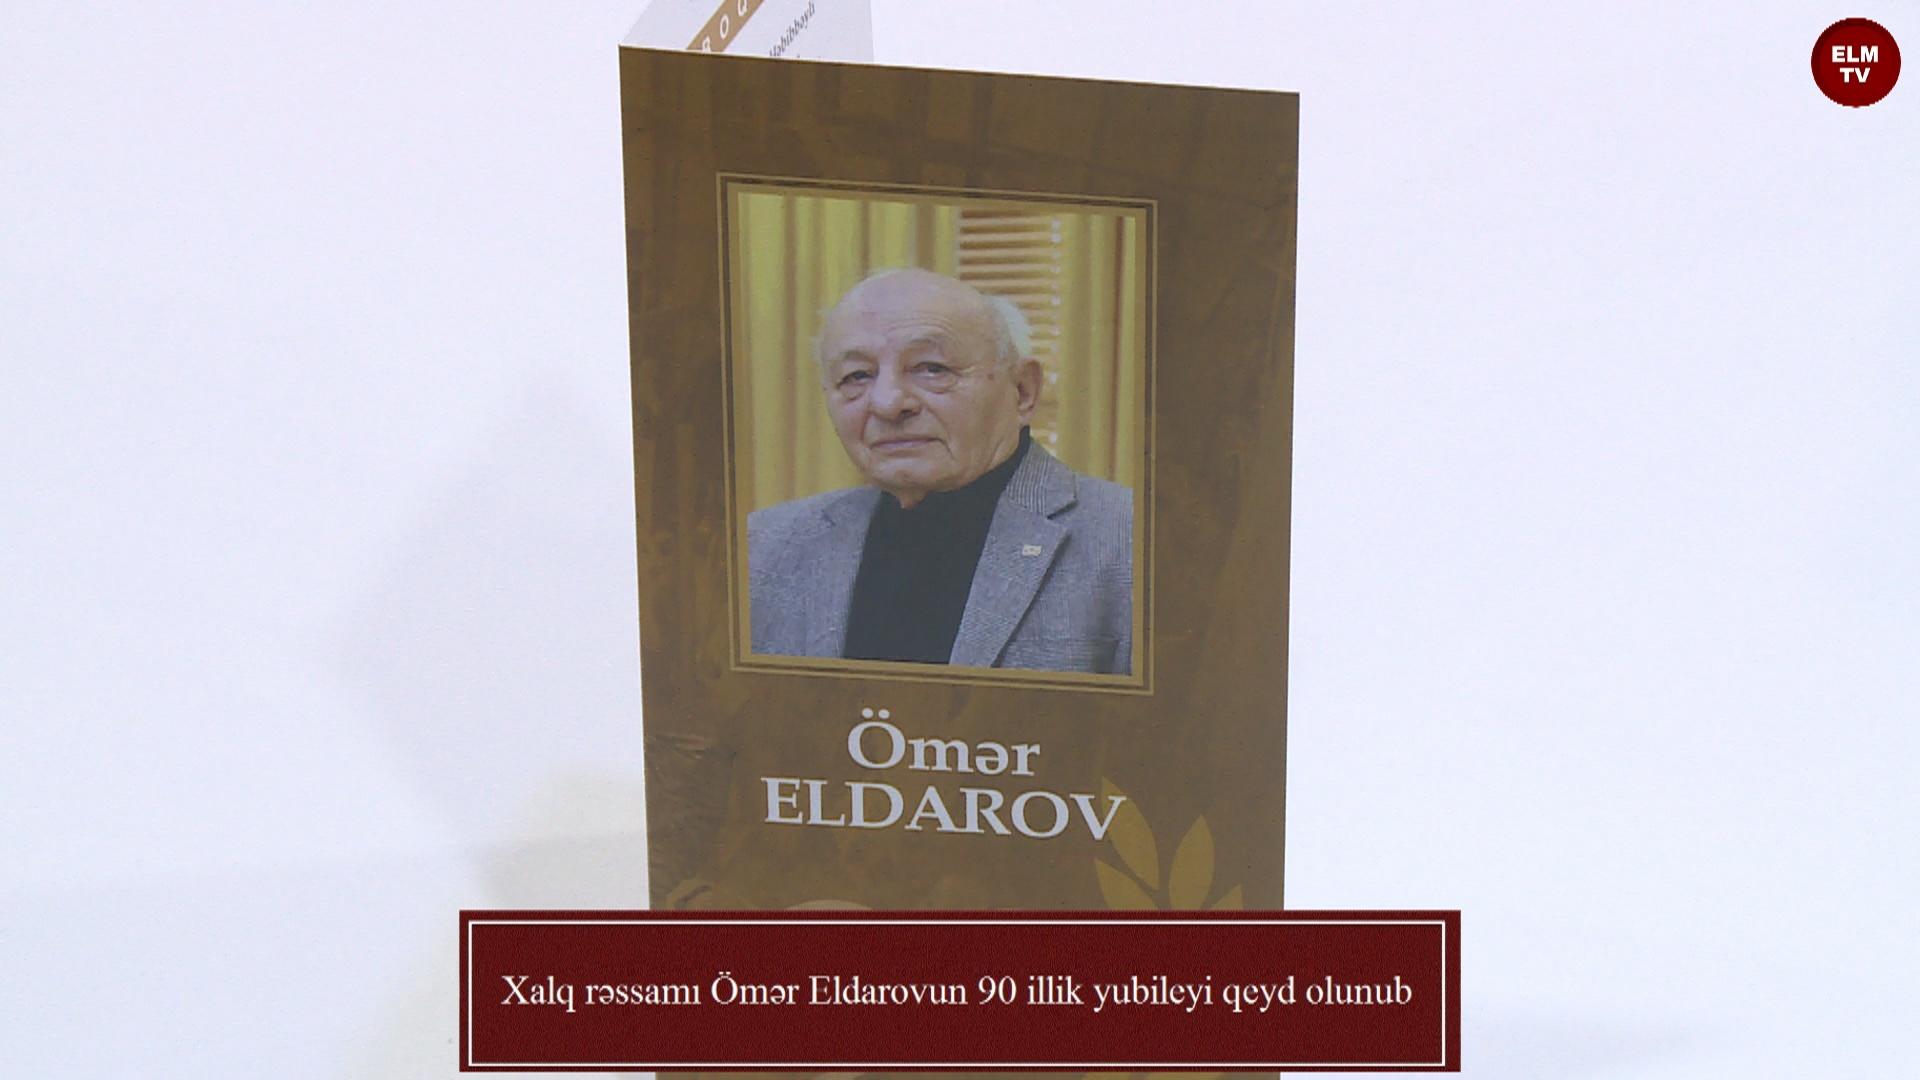 Xalq rəssamı Ömər Eldarovun 90 illik yubileyi qeyd olunub